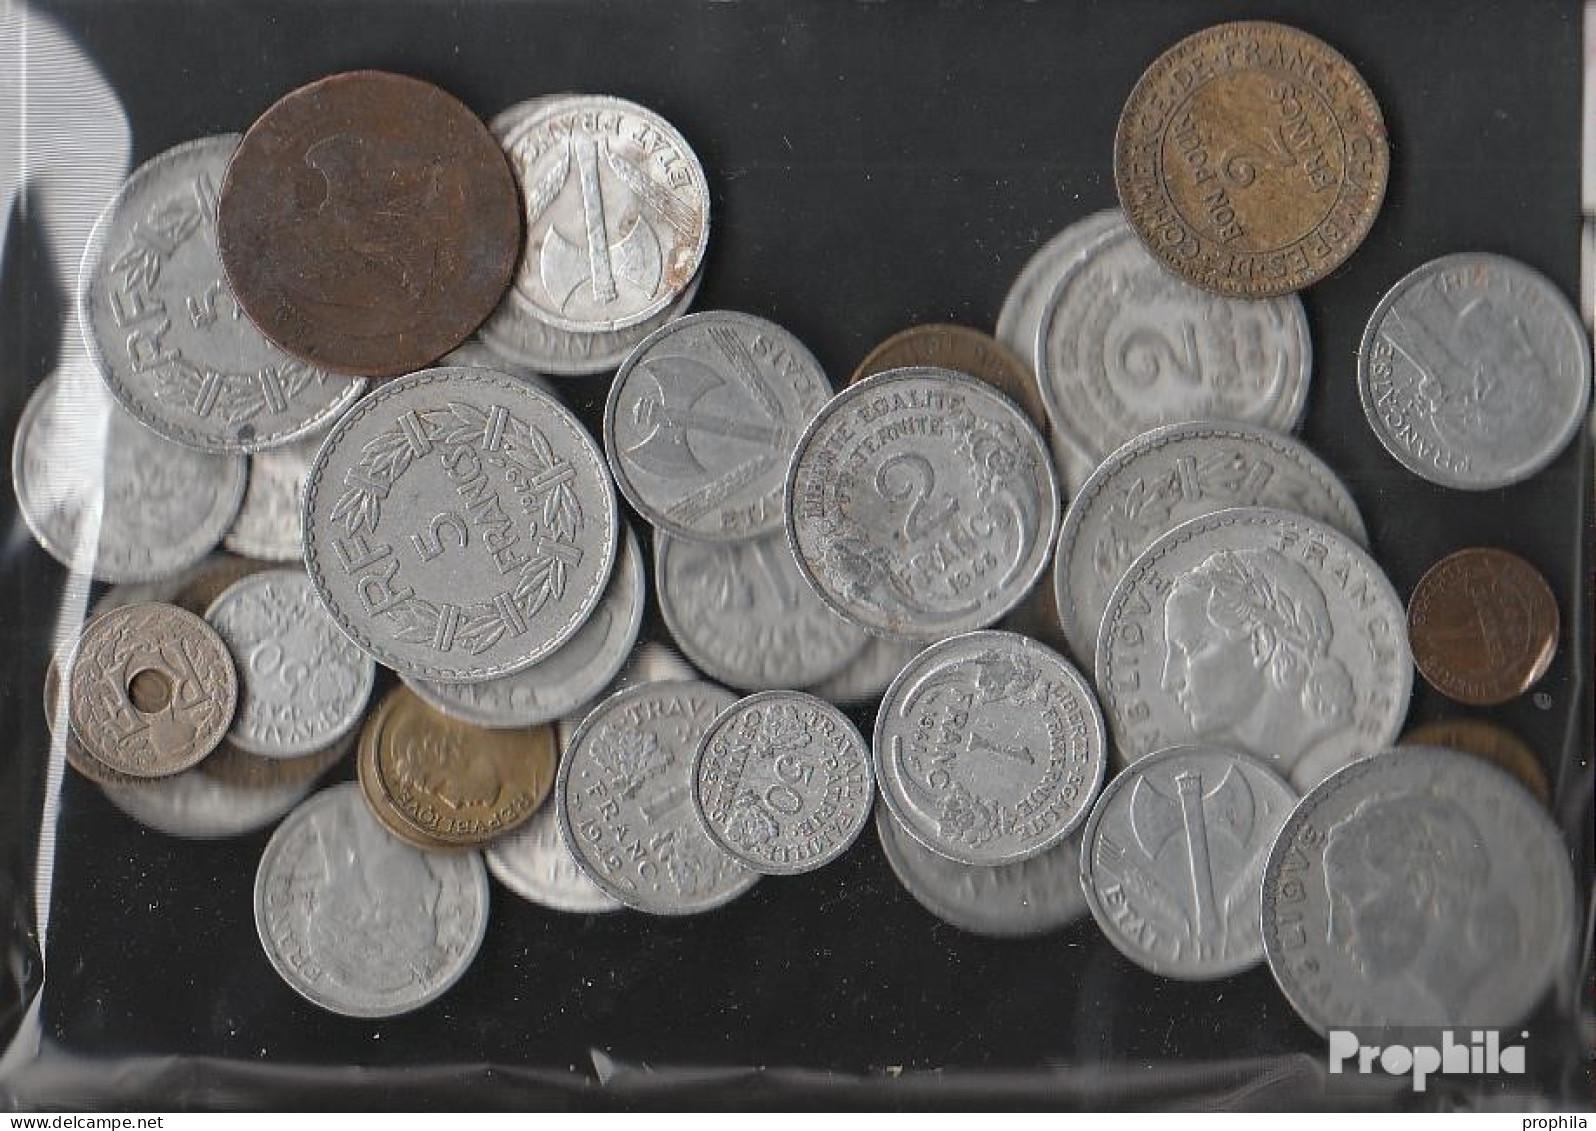 Frankreich 100 Gramm Münzkiloware  Bis 1958 (nur Alte Francs) - Kilowaar - Munten